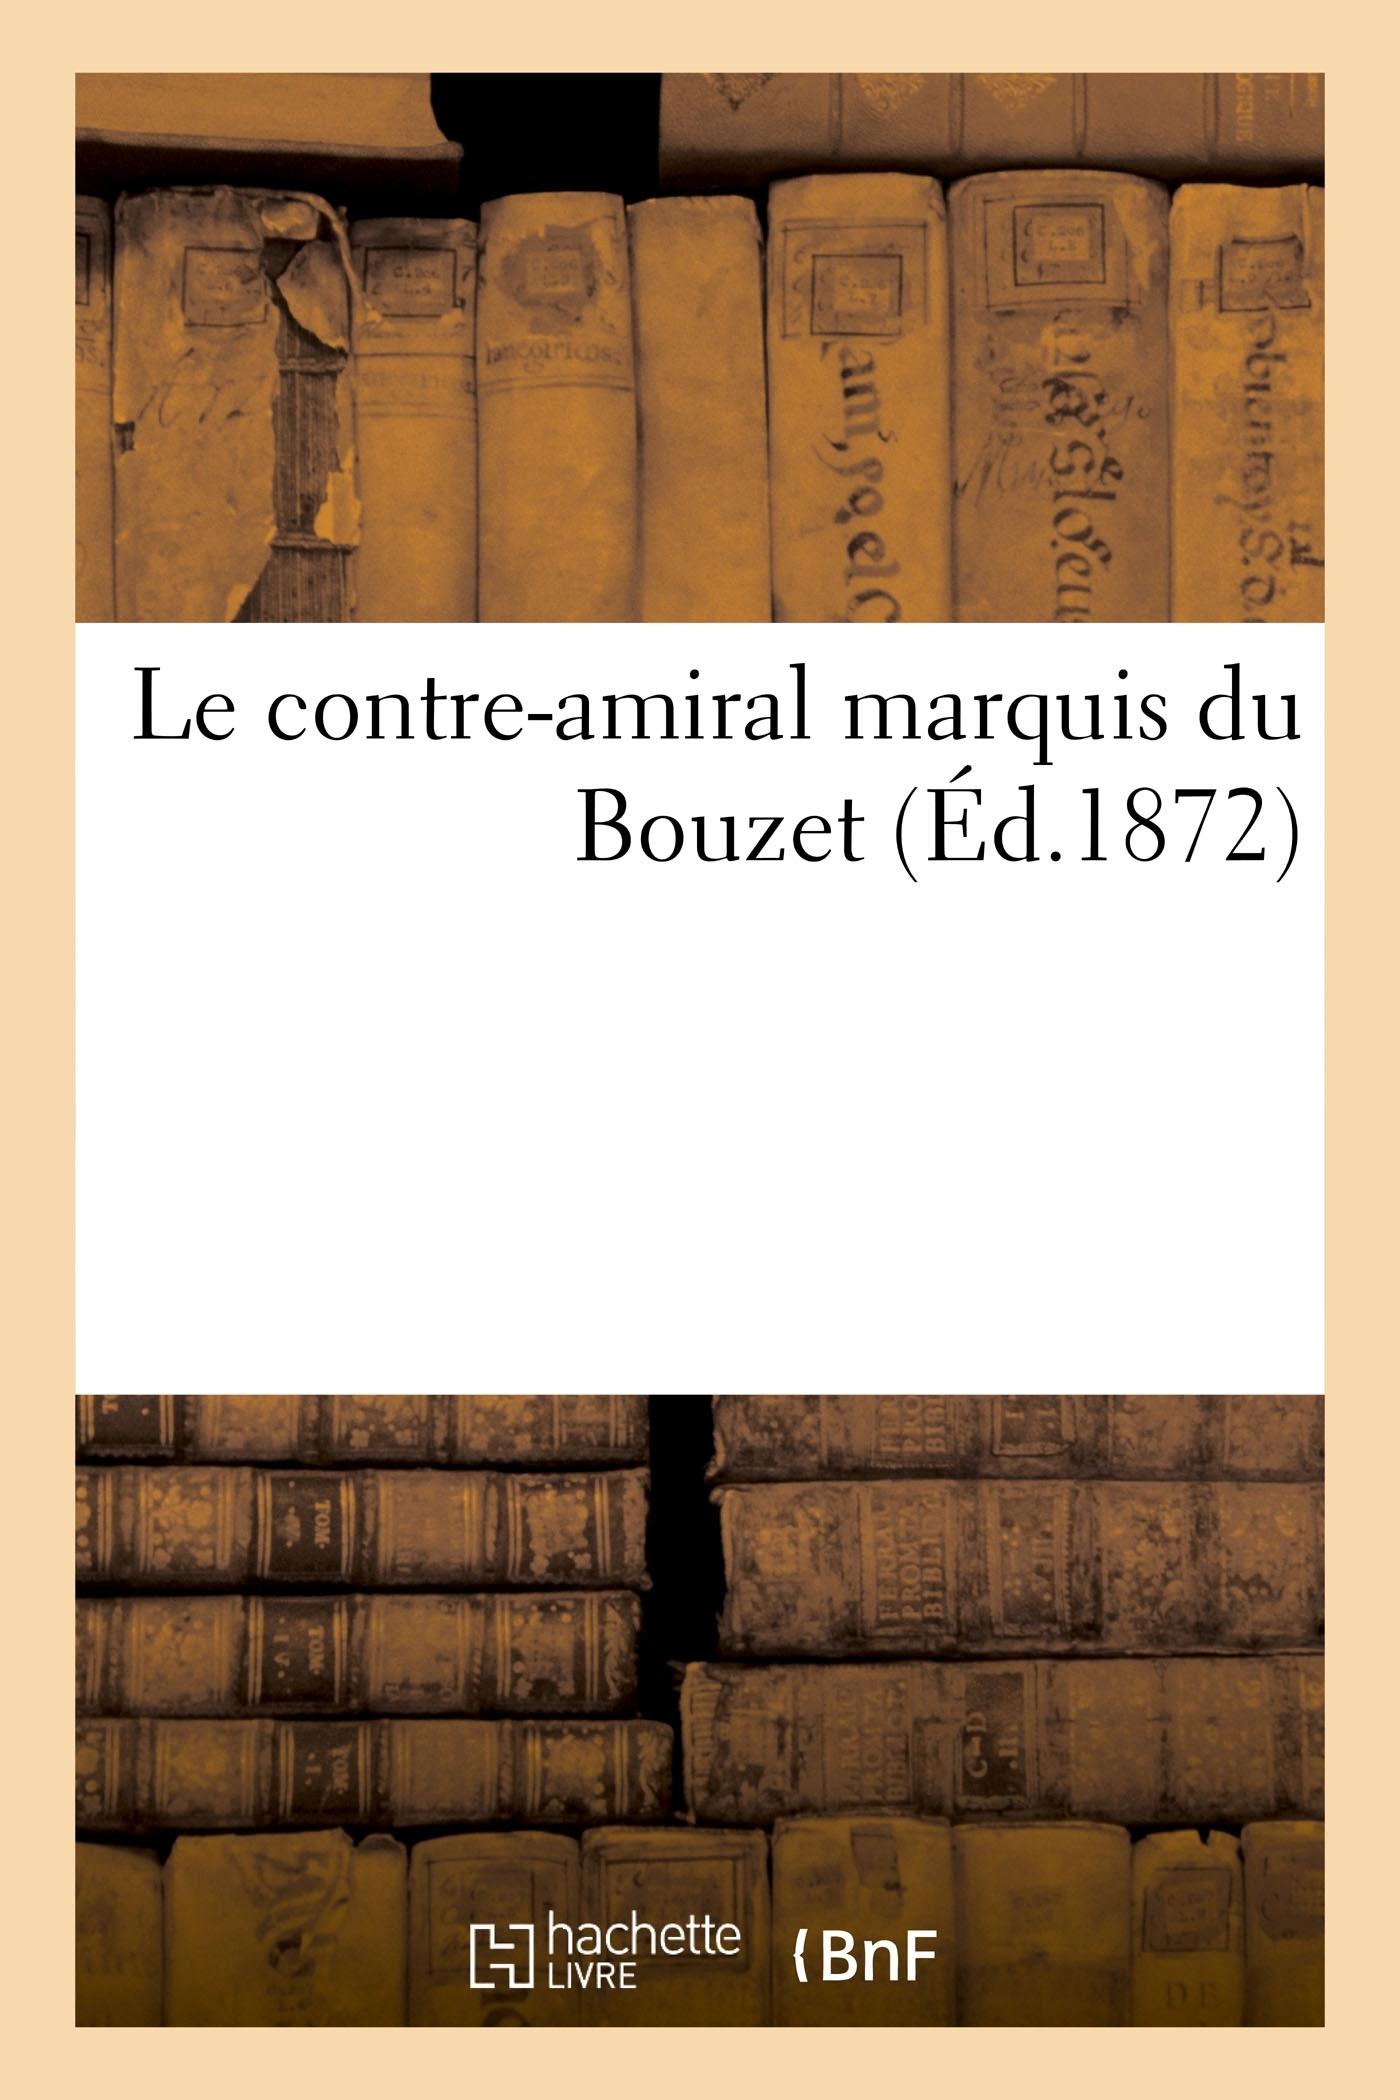 LE CONTRE-AMIRAL MARQUIS DU BOUZET